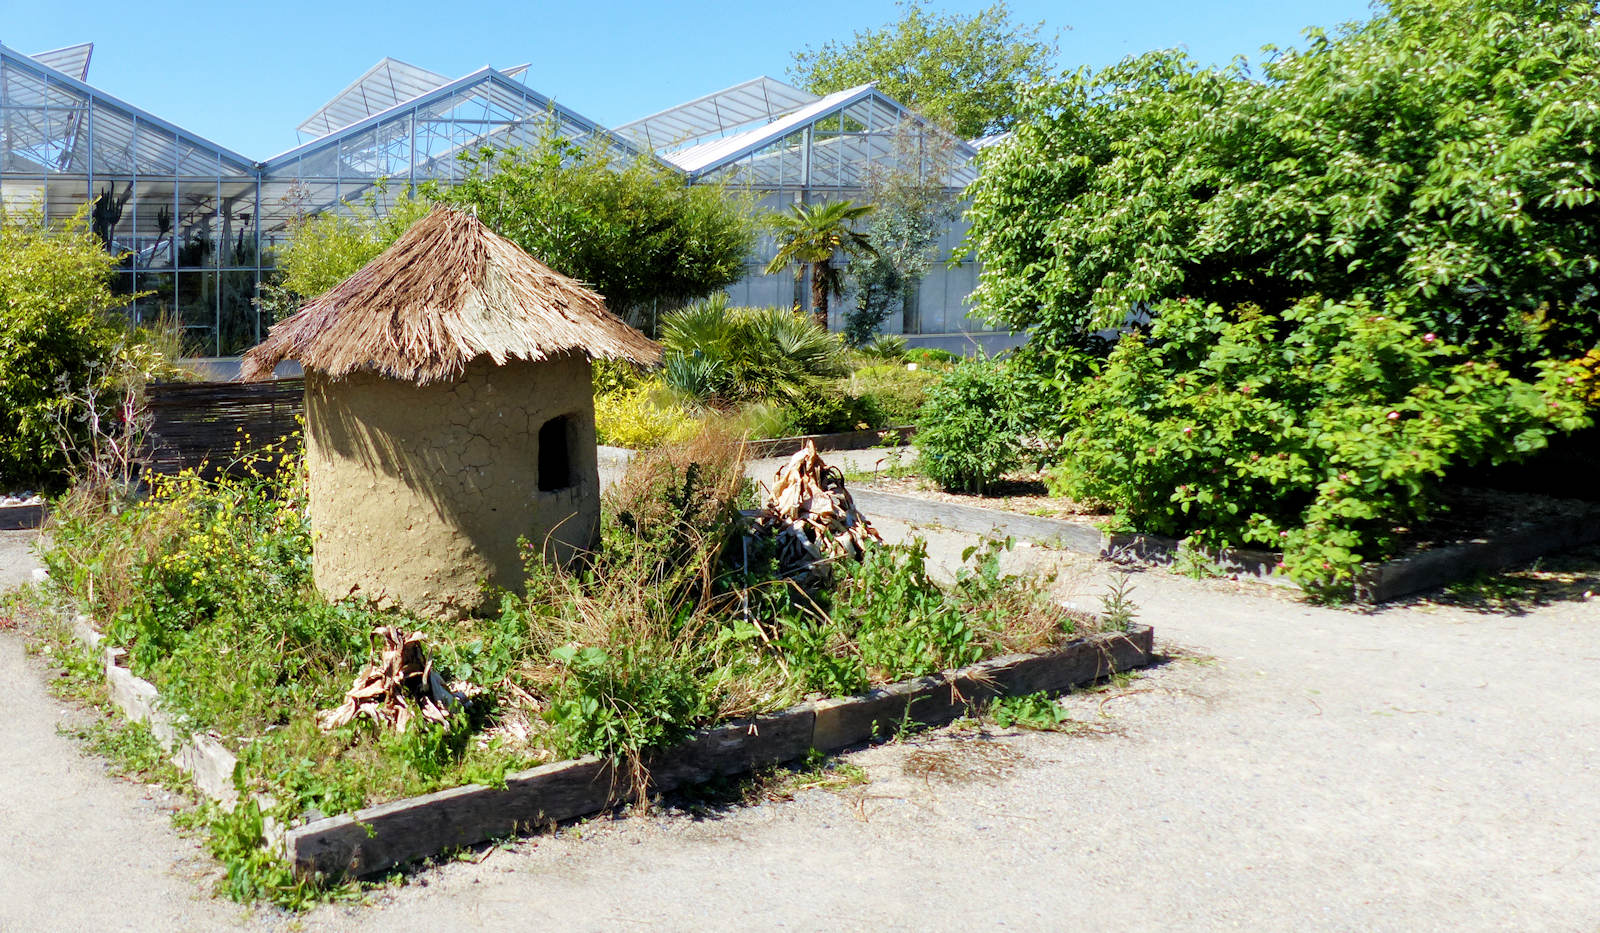 Carrés pédagogiques - Tourcoing, Jardin botanique